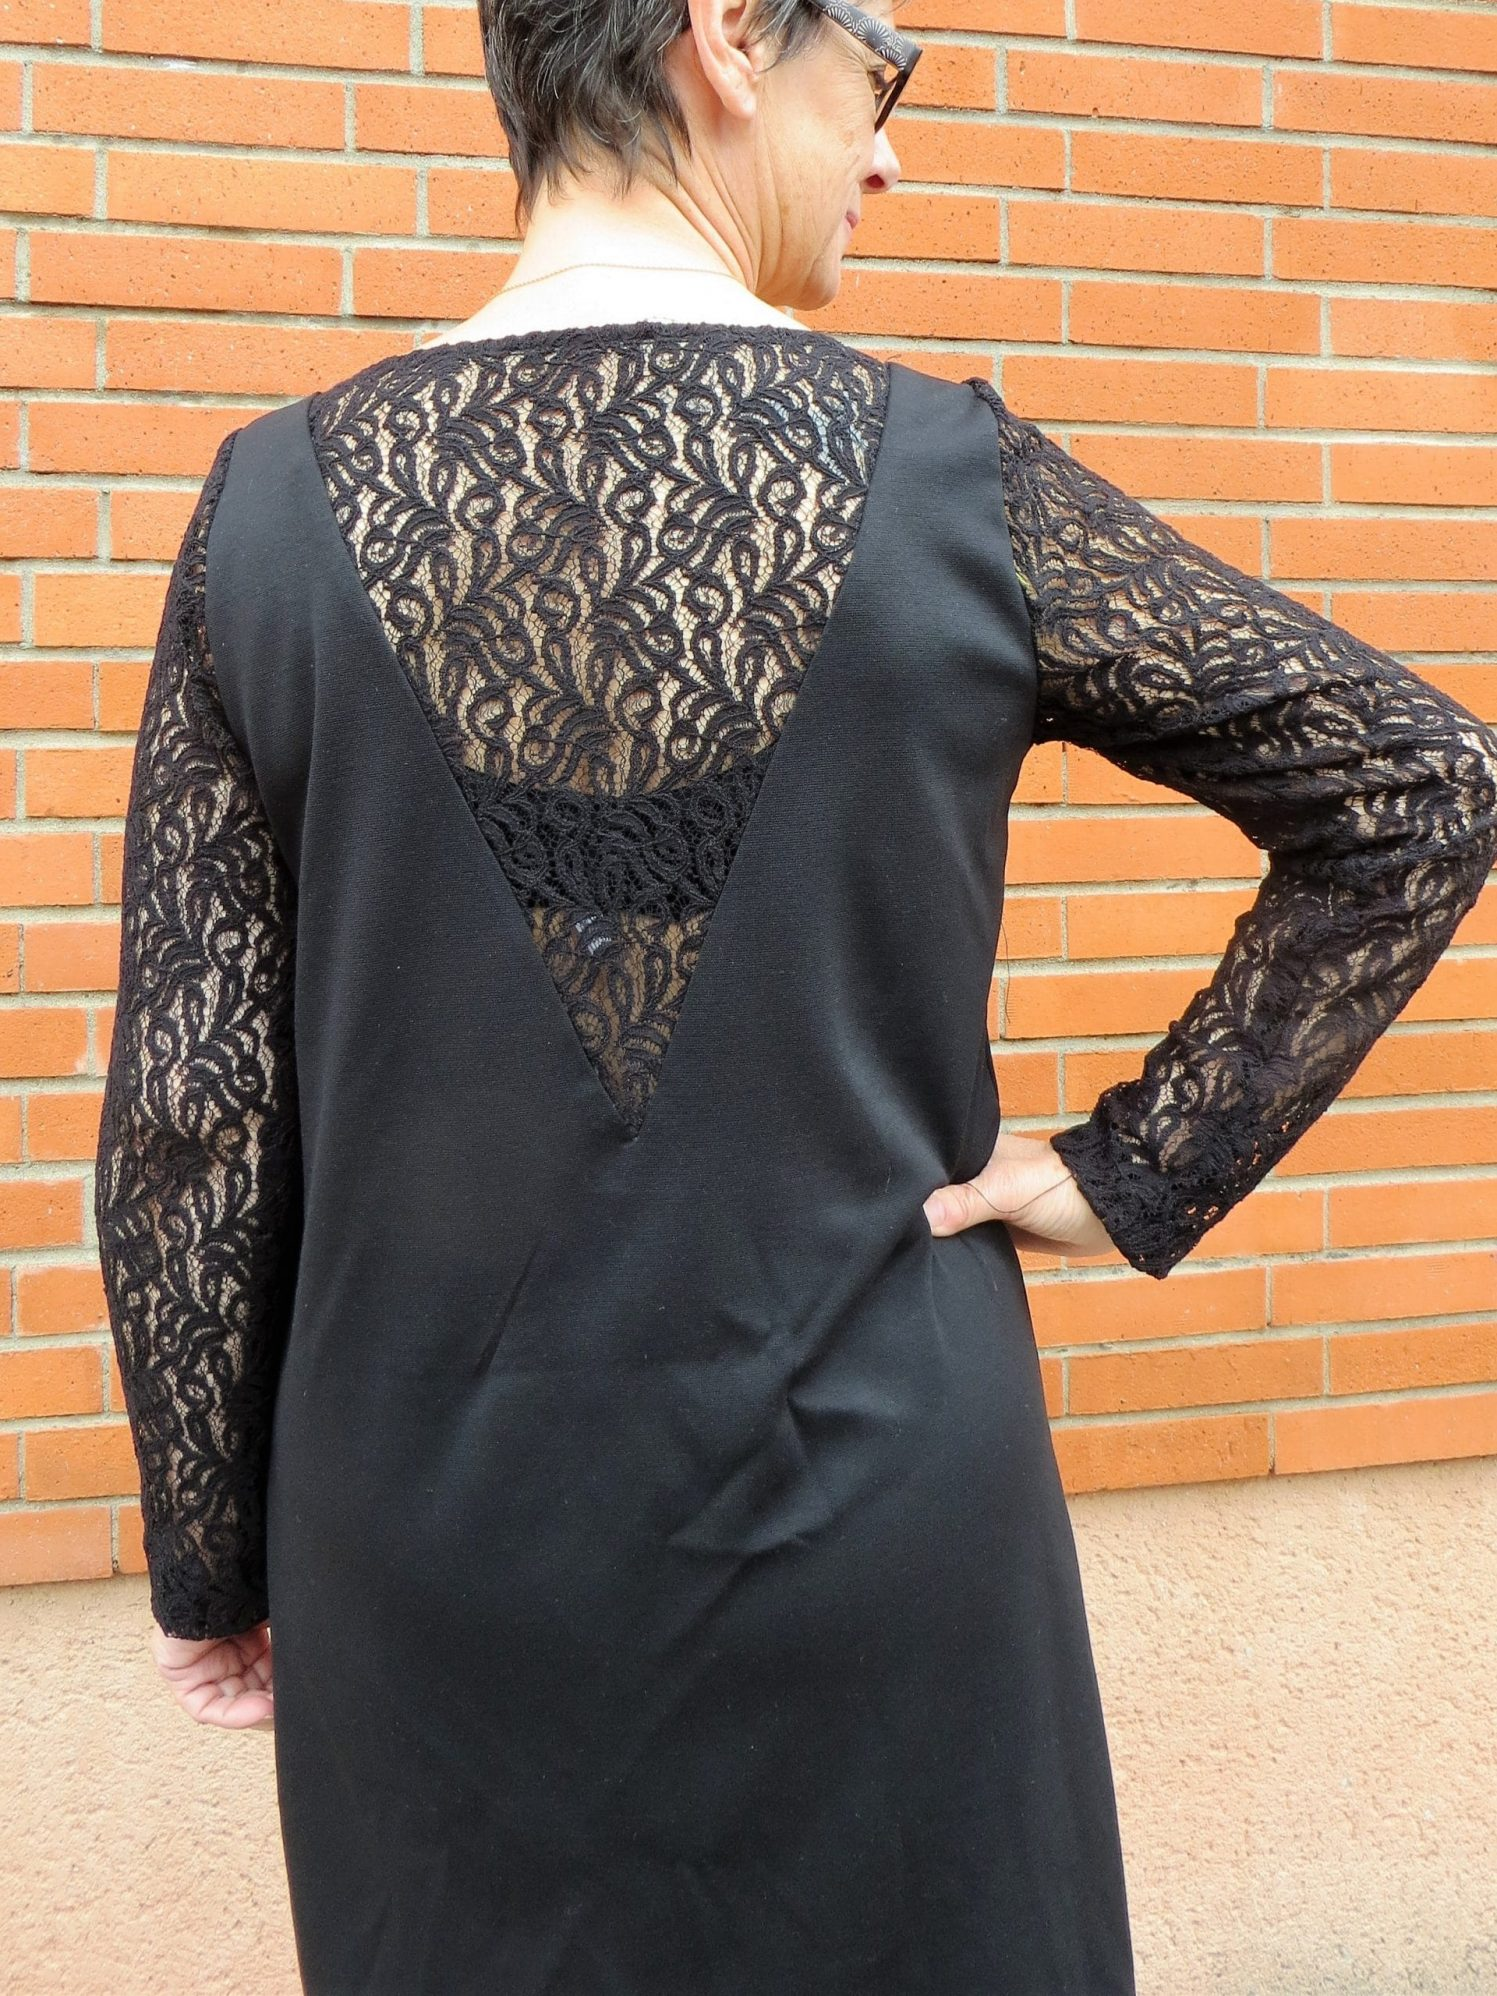 Une robe noir, manches en dentelle